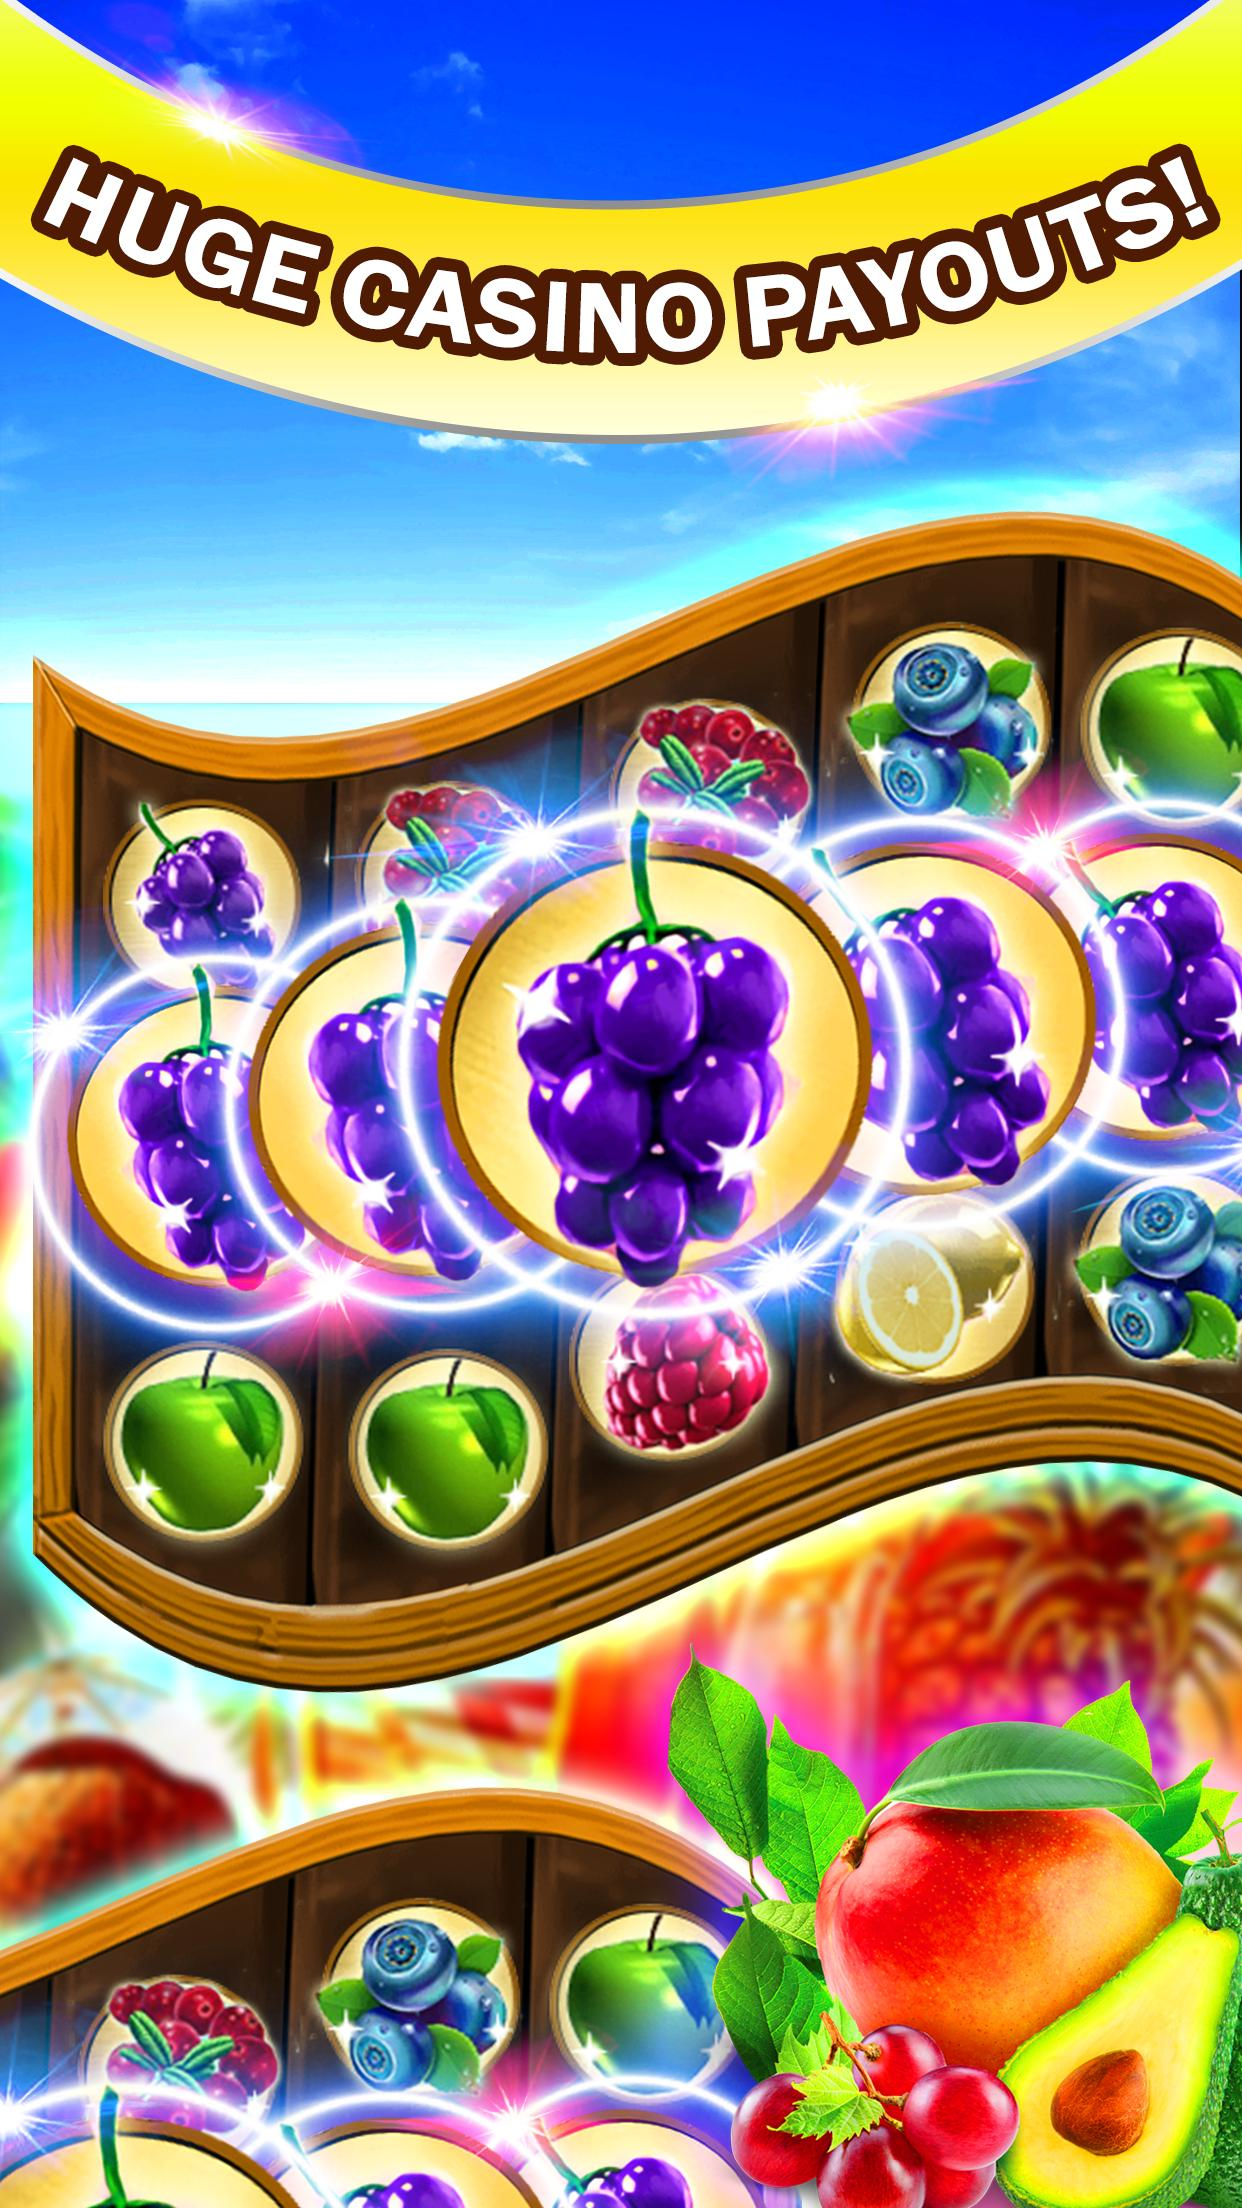 Vlt gambling